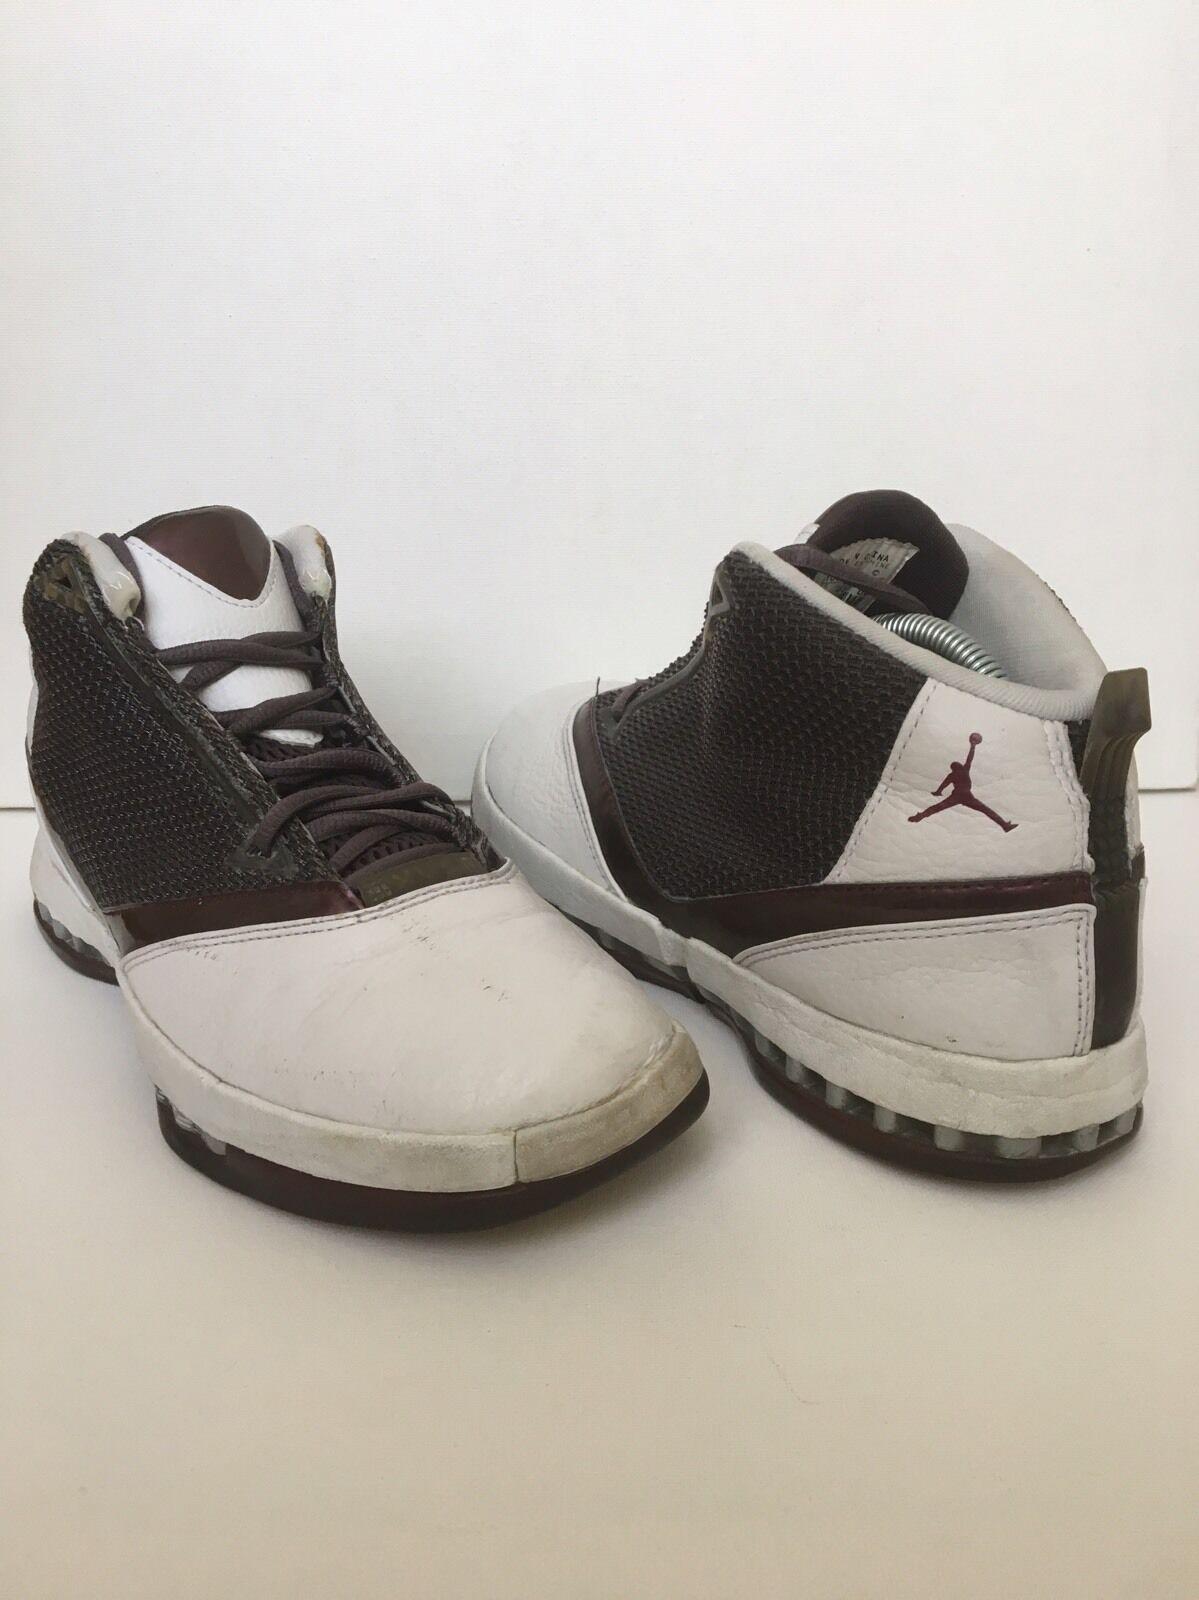 2018 Nike Air Jordan XVI XV1 16 Q Grey Cherrywood Red Size 9 Mens 136080-020